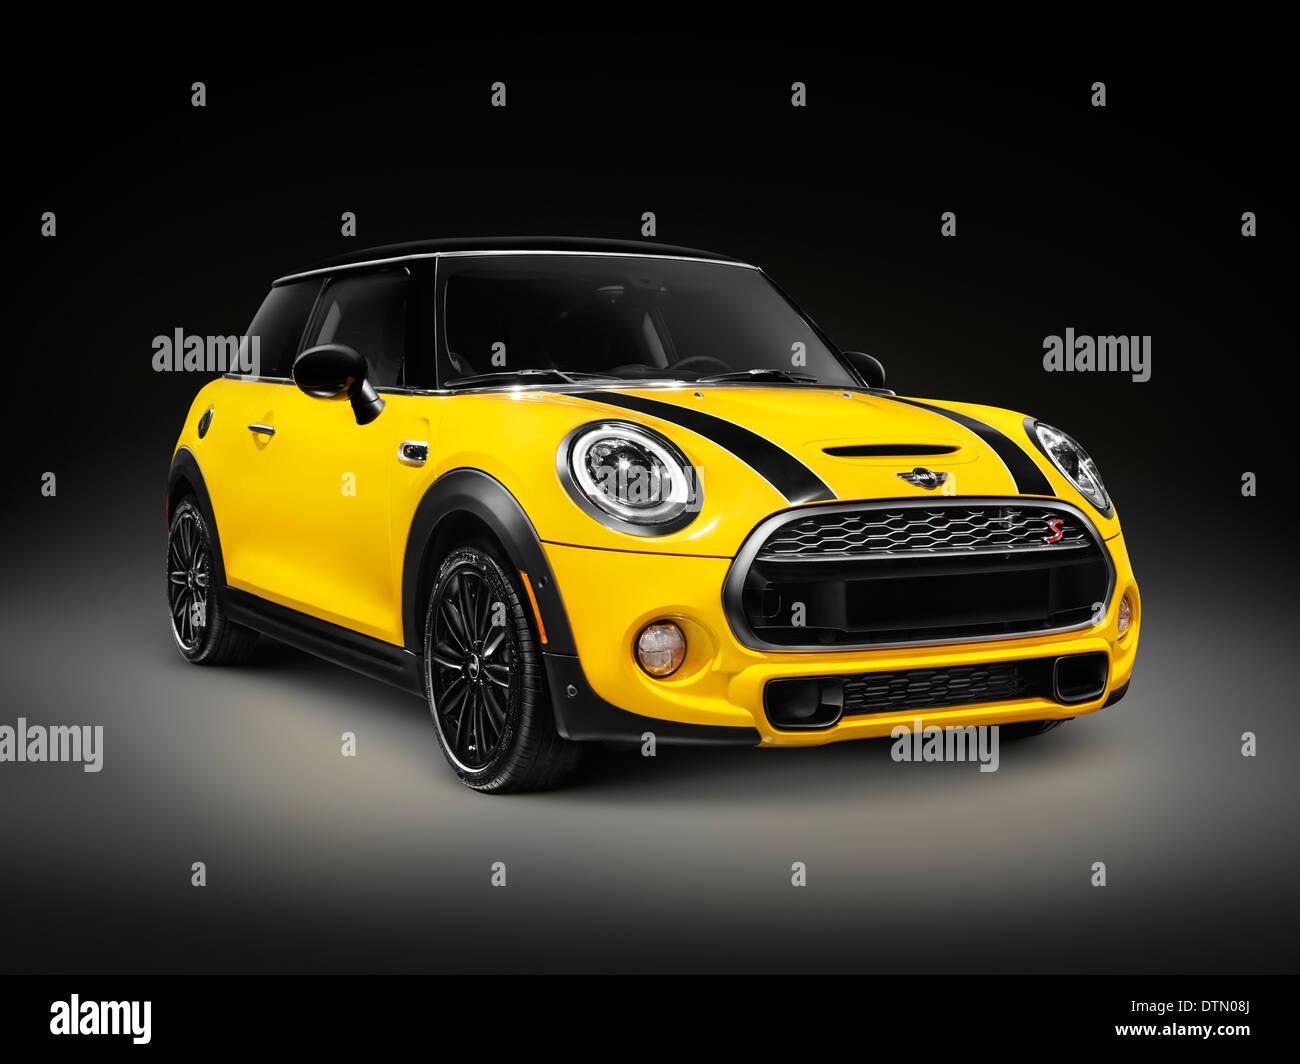 2014 jaune Mini Cooper S, Mini Berline, voiture de ville compacte à hayon isolé sur fond noir Photo Stock